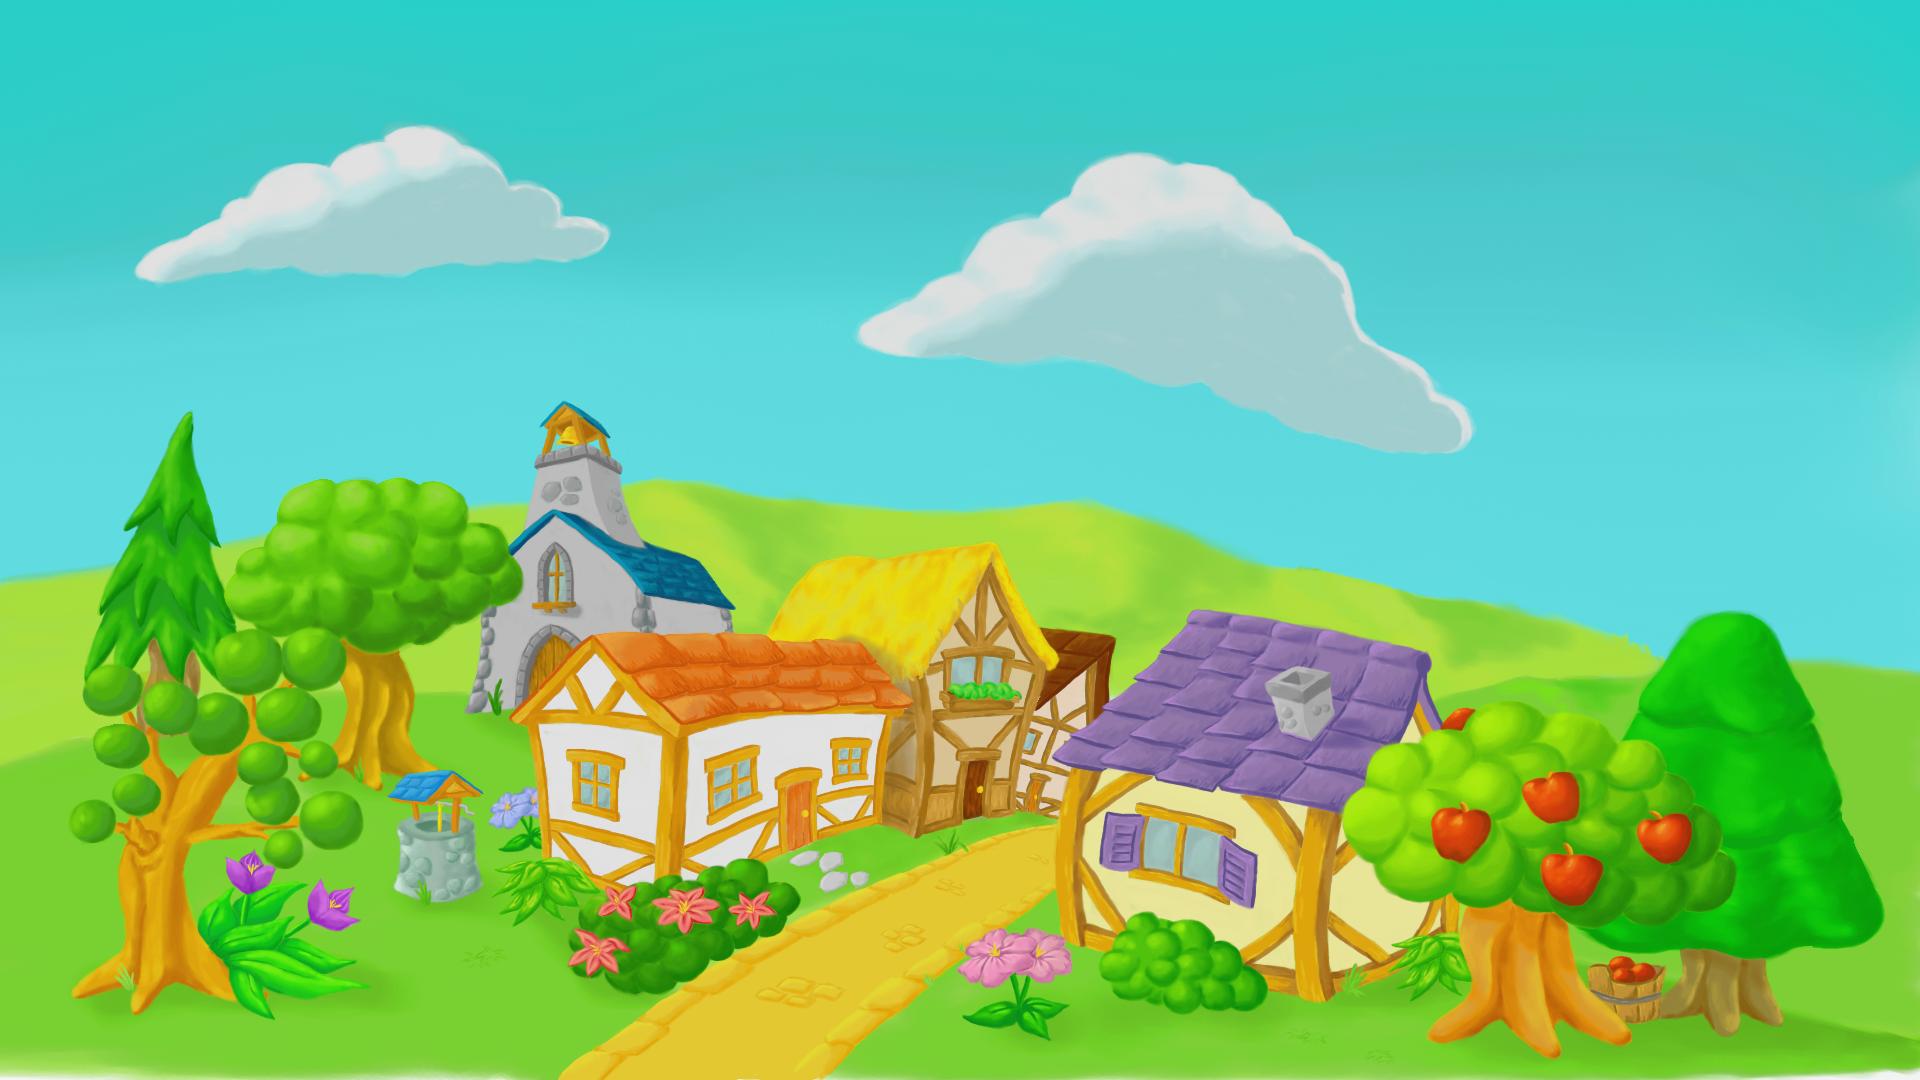 BackgroundJollyville01